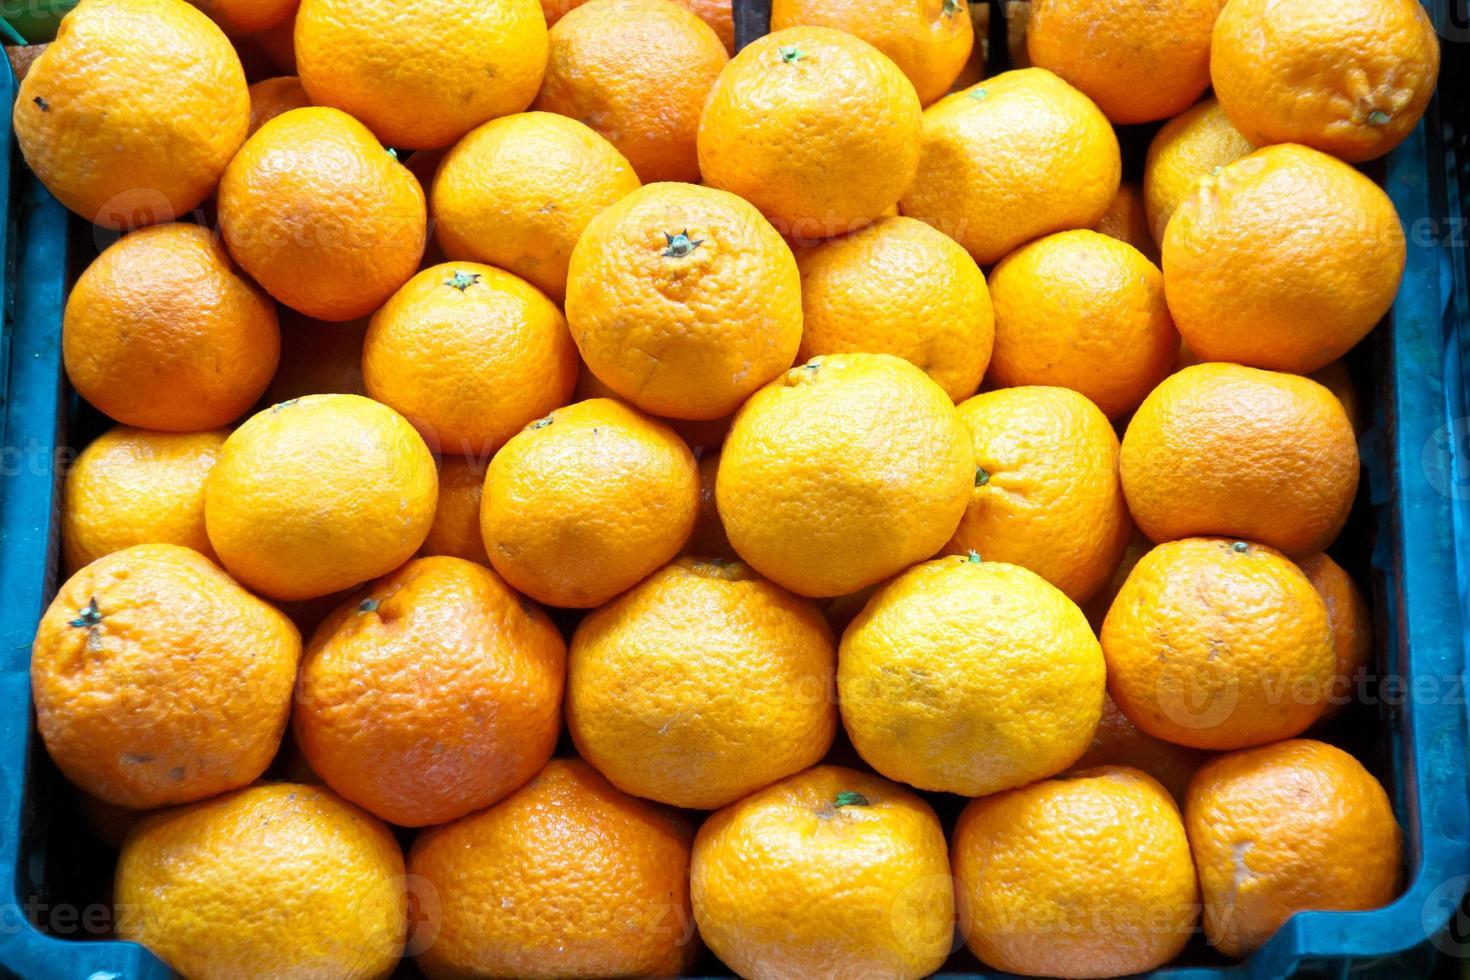 sinaasappelen in een markt foto